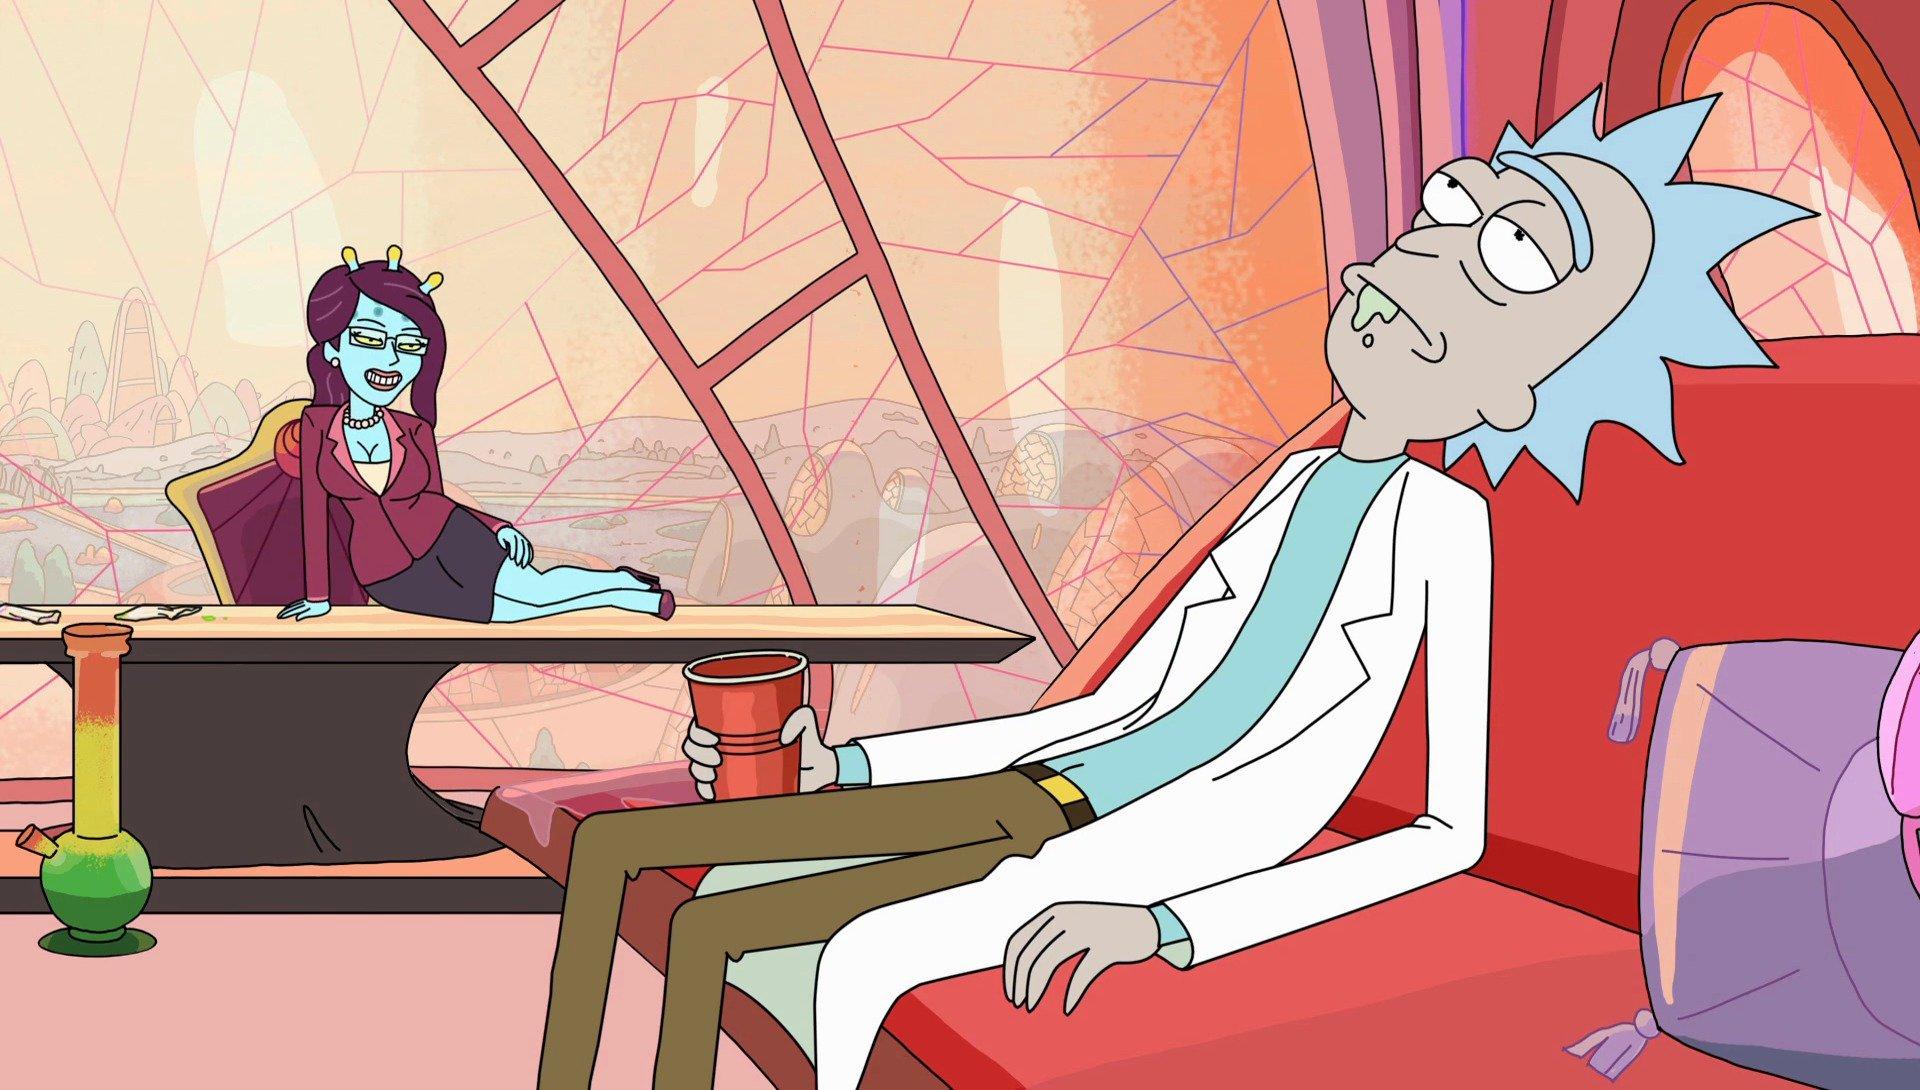 Teoria de Rick and Morty indica que protagonista na verdade é [SPOILER] - 1